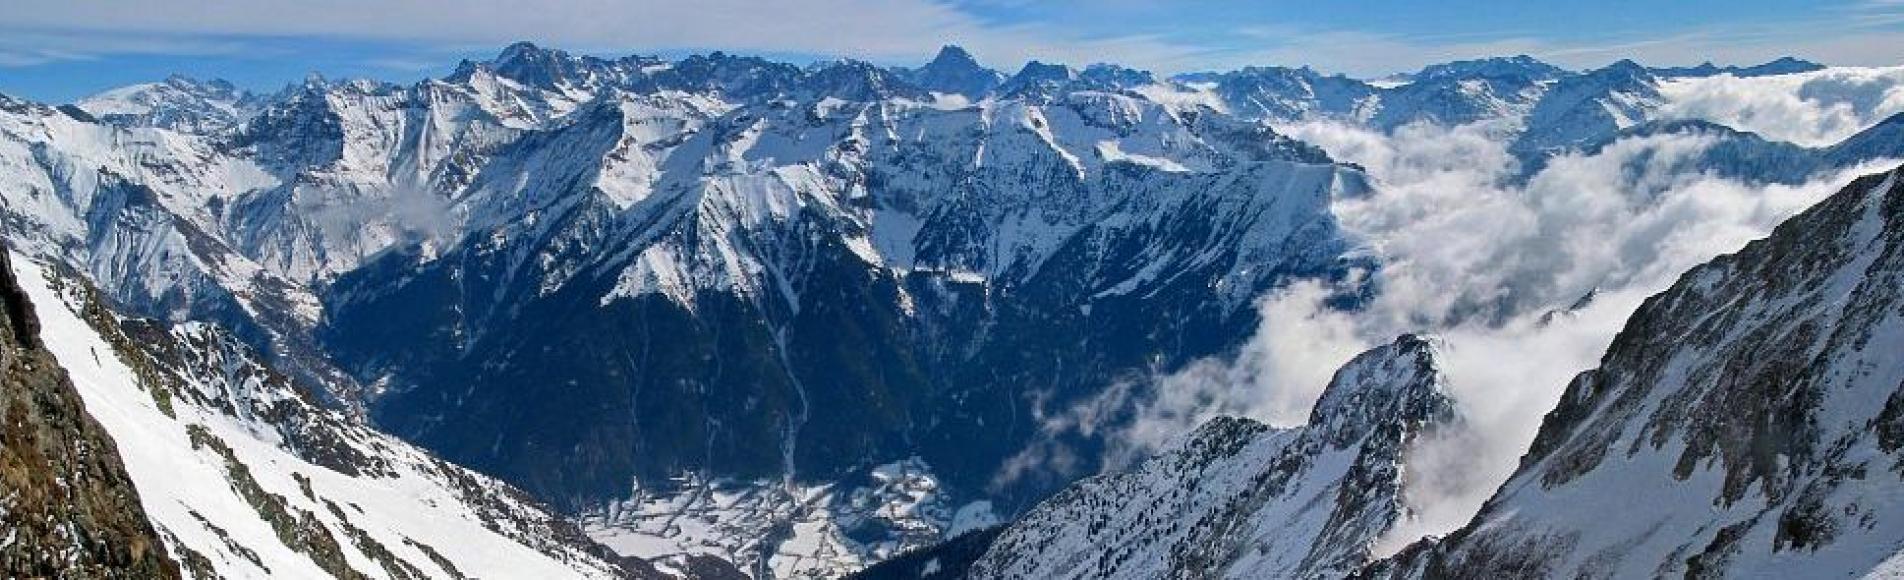 Vallon de l'Infernet depuis le col Guillaume - © J.-P. Nicollet - PNE